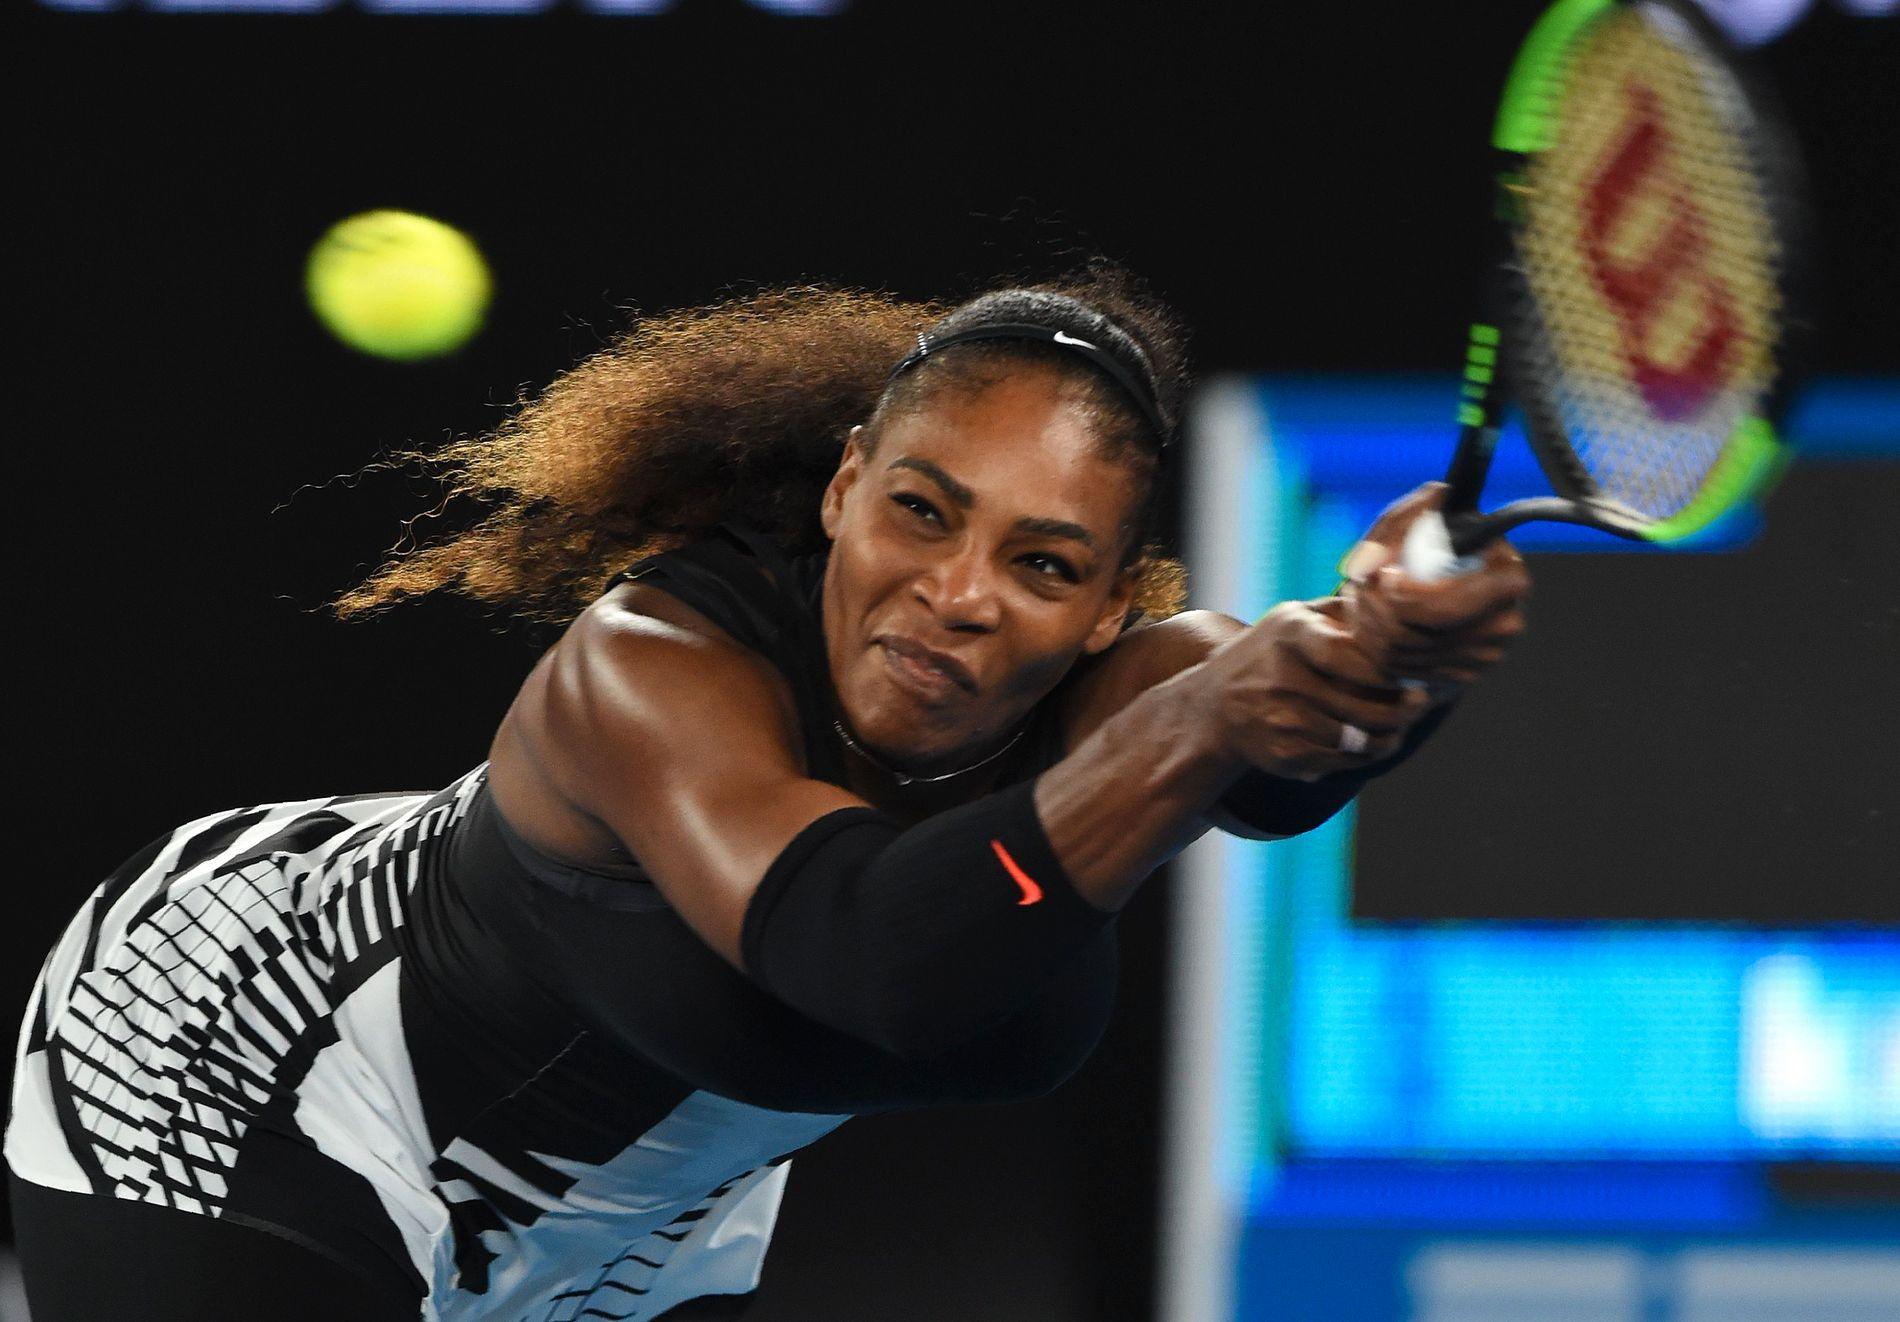 KOMMER TILBAKE: 36 år gamle Serena Williams blir igjen å se på tennisbanen under Fed Cup i North Carolina i februar.